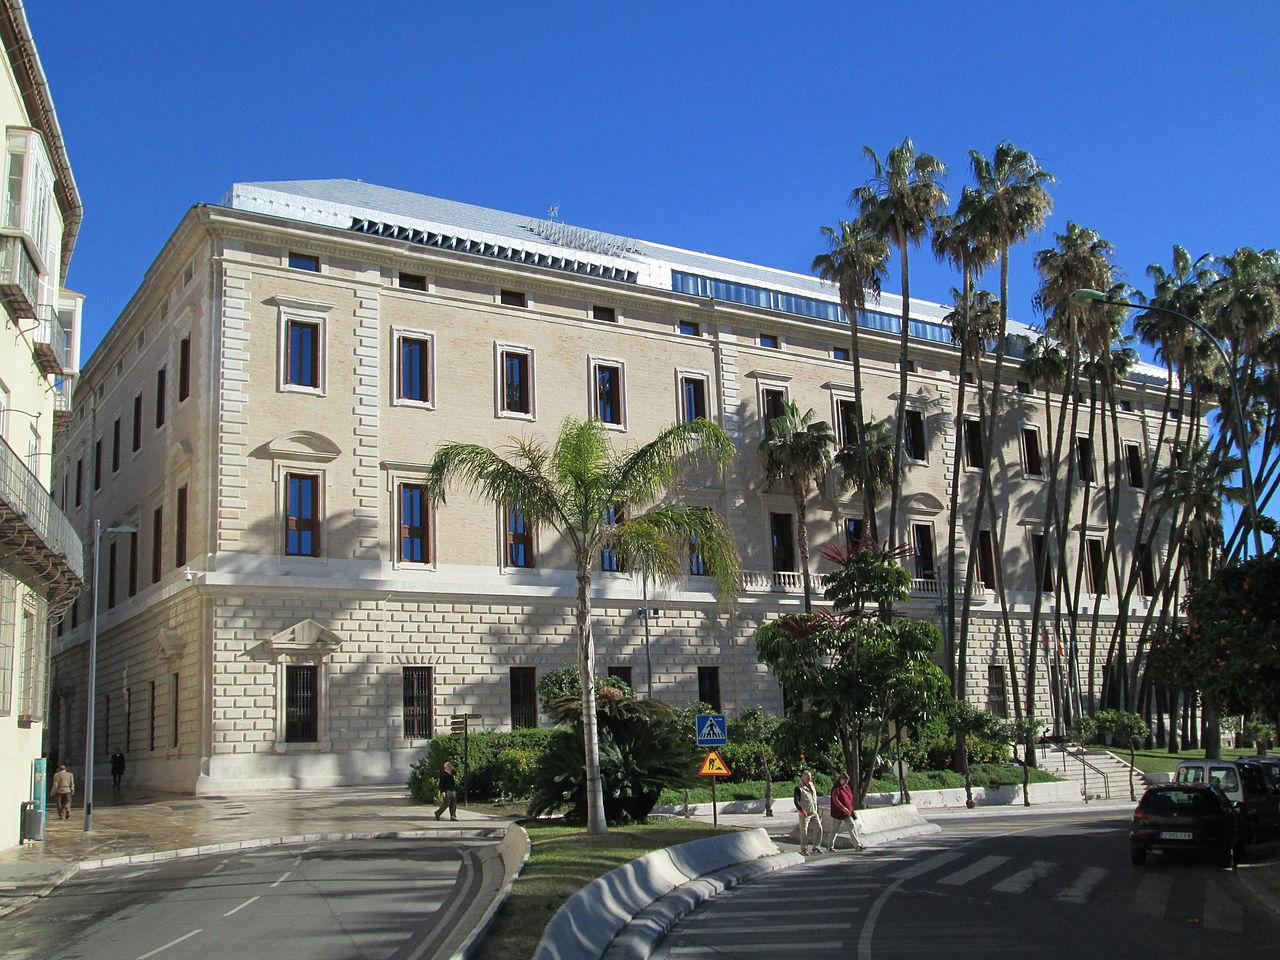 musee de malaga